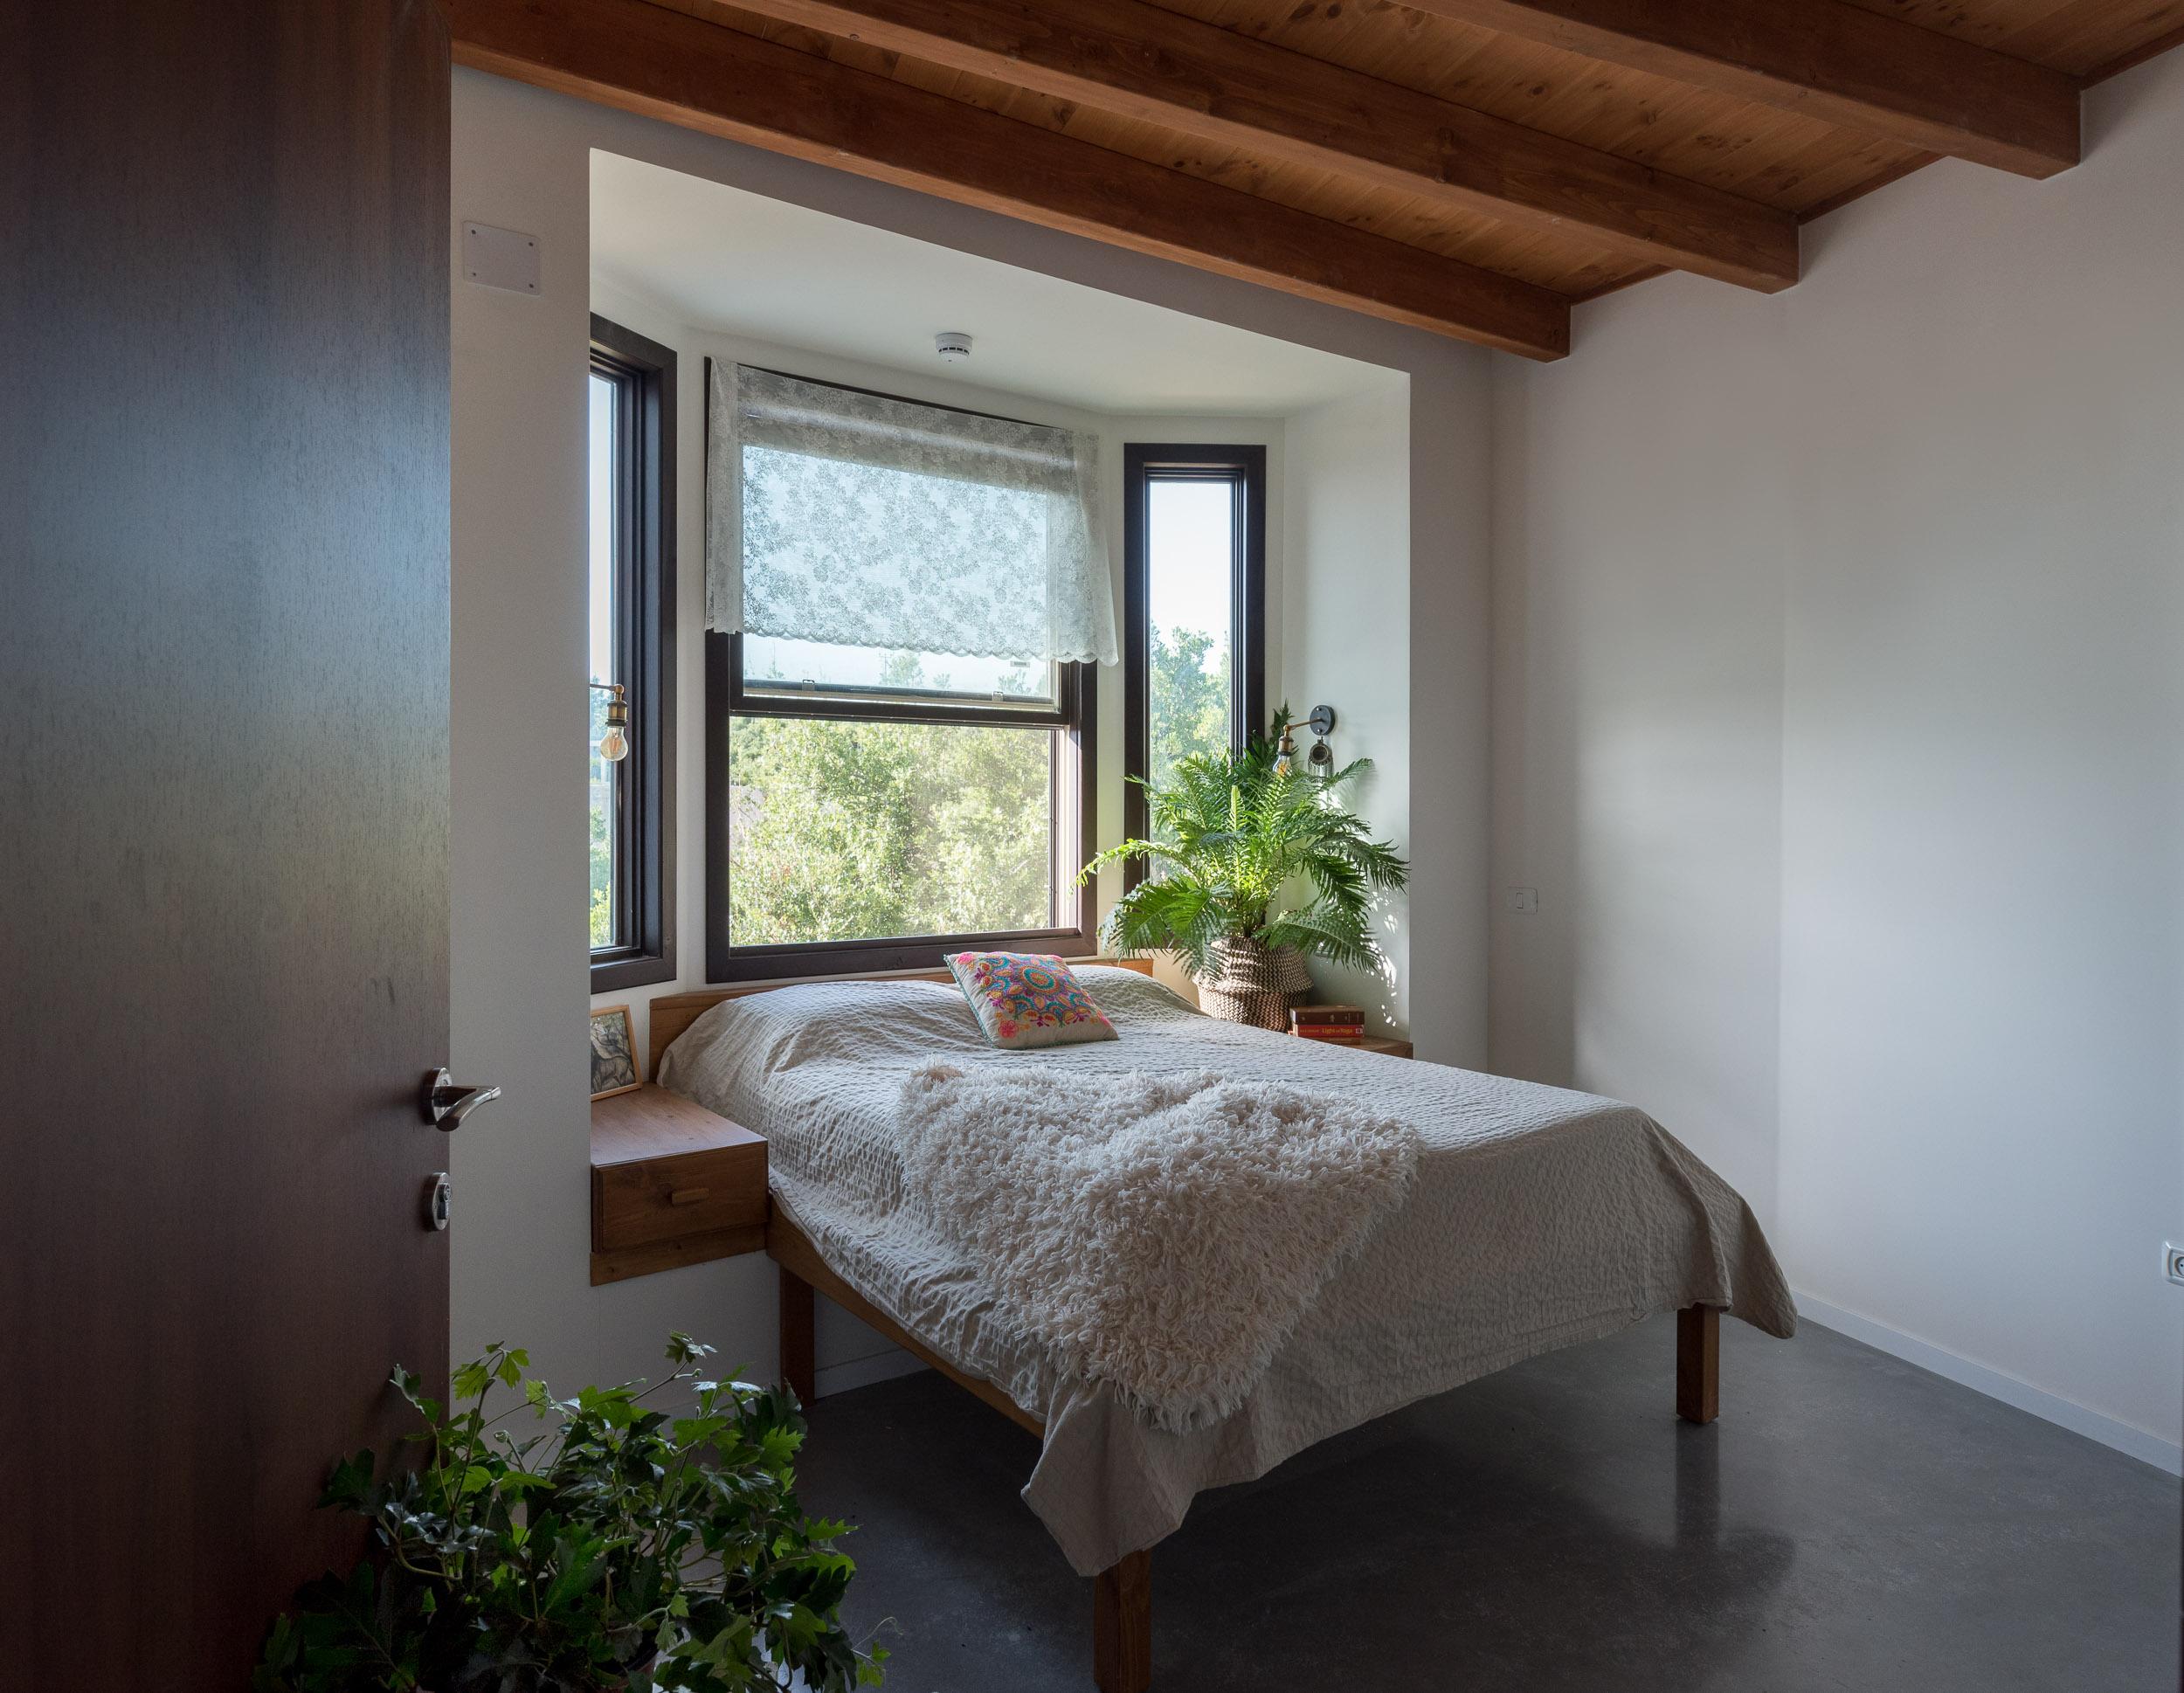 מיטה בחלון צרפתי, בקתה מונגולית